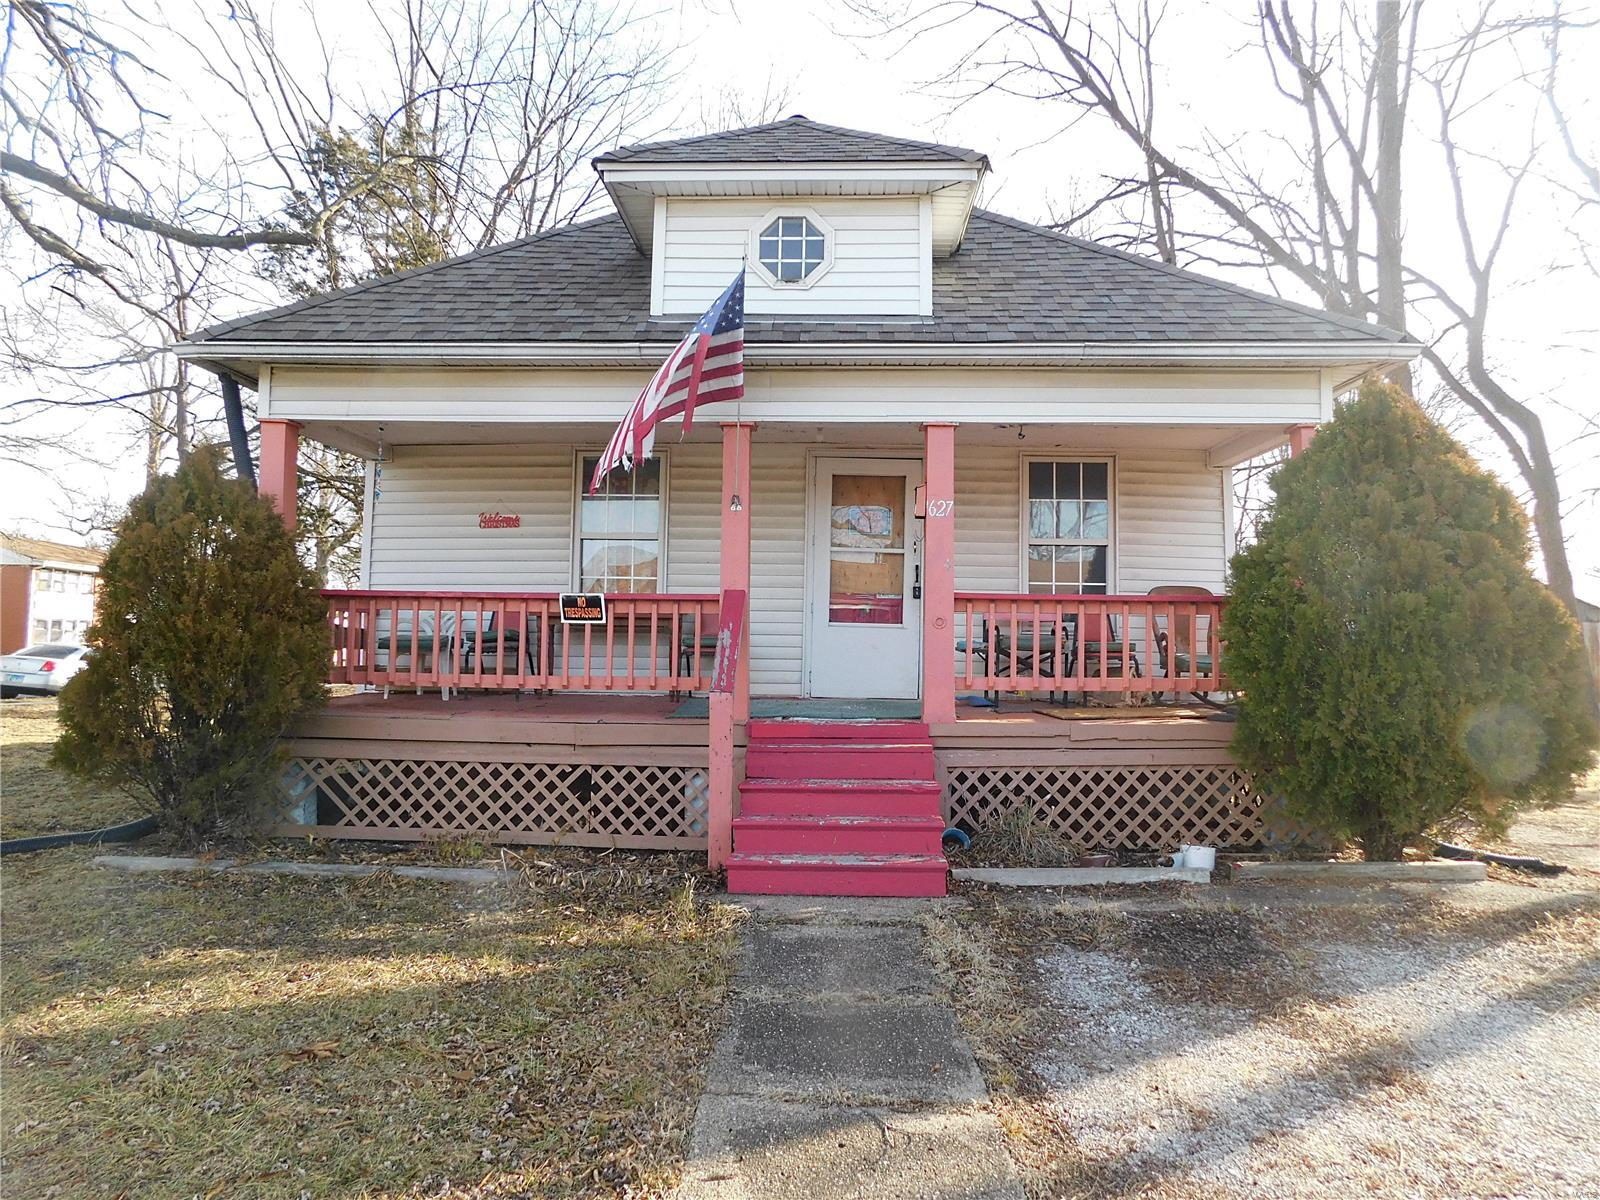 627 Anderson Property Photo - Carlinville, IL real estate listing